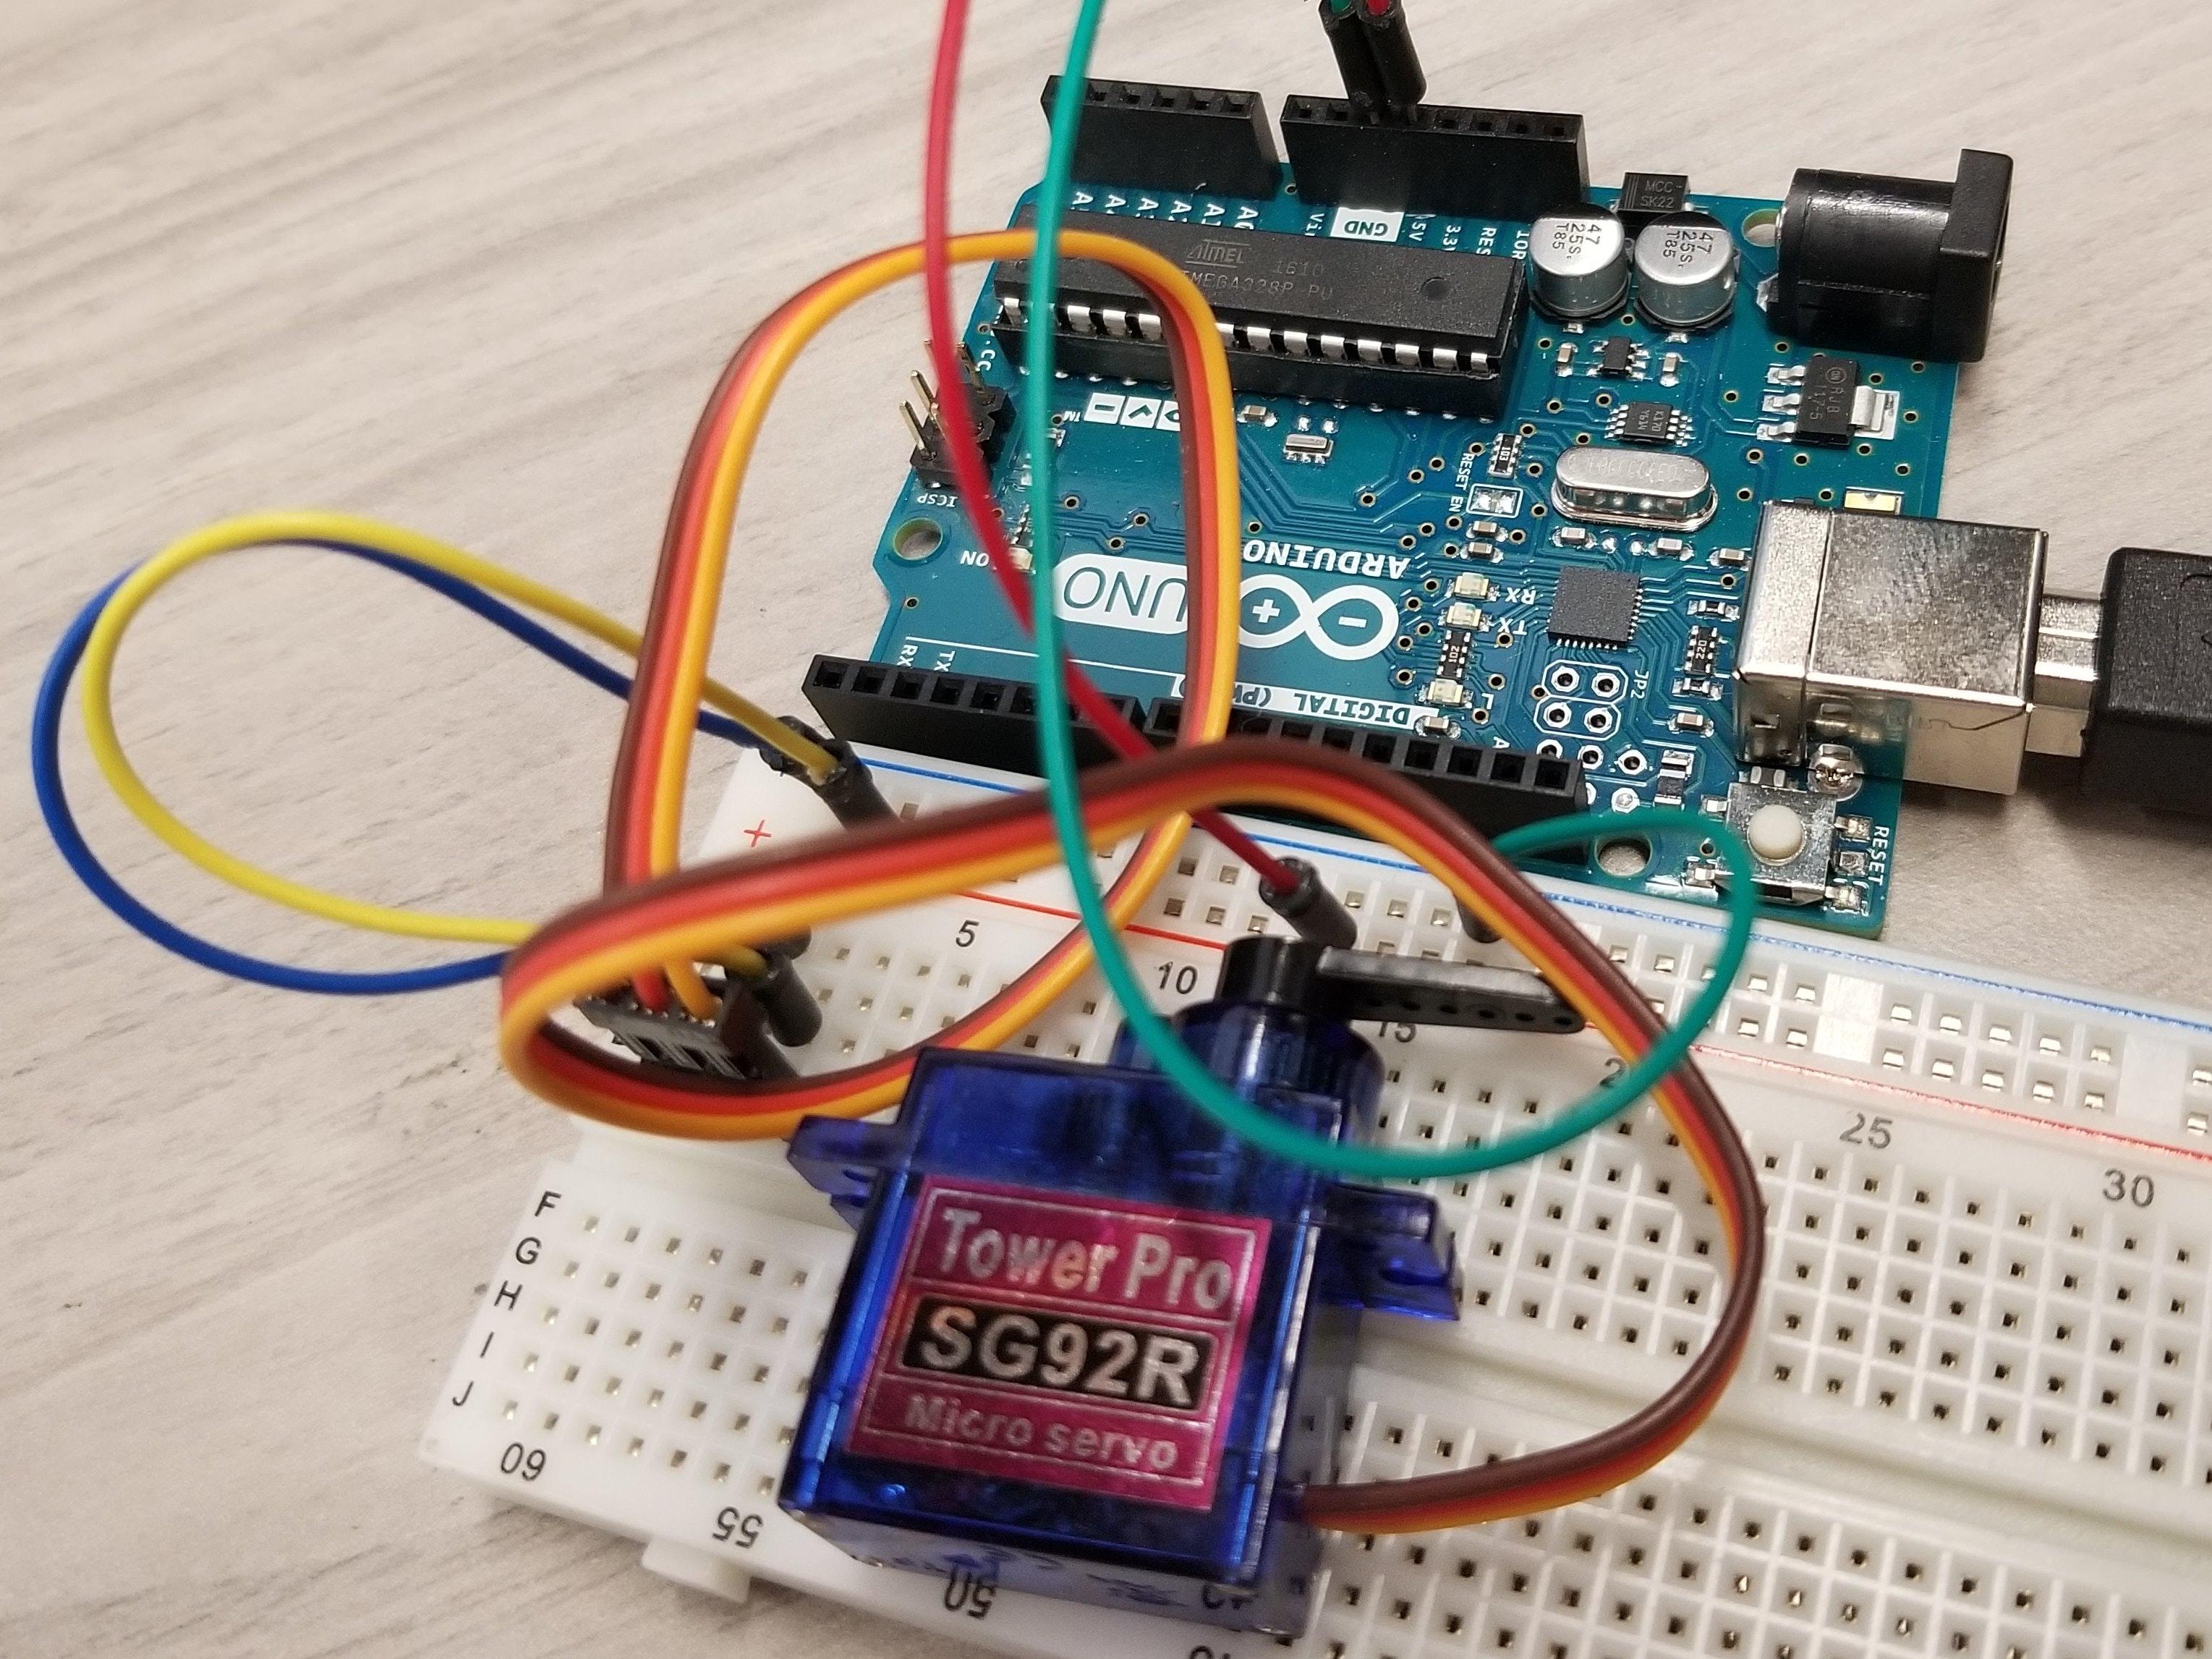 Infrared Intruder Burglar Alarm Circuit Diagram Engineersgarage